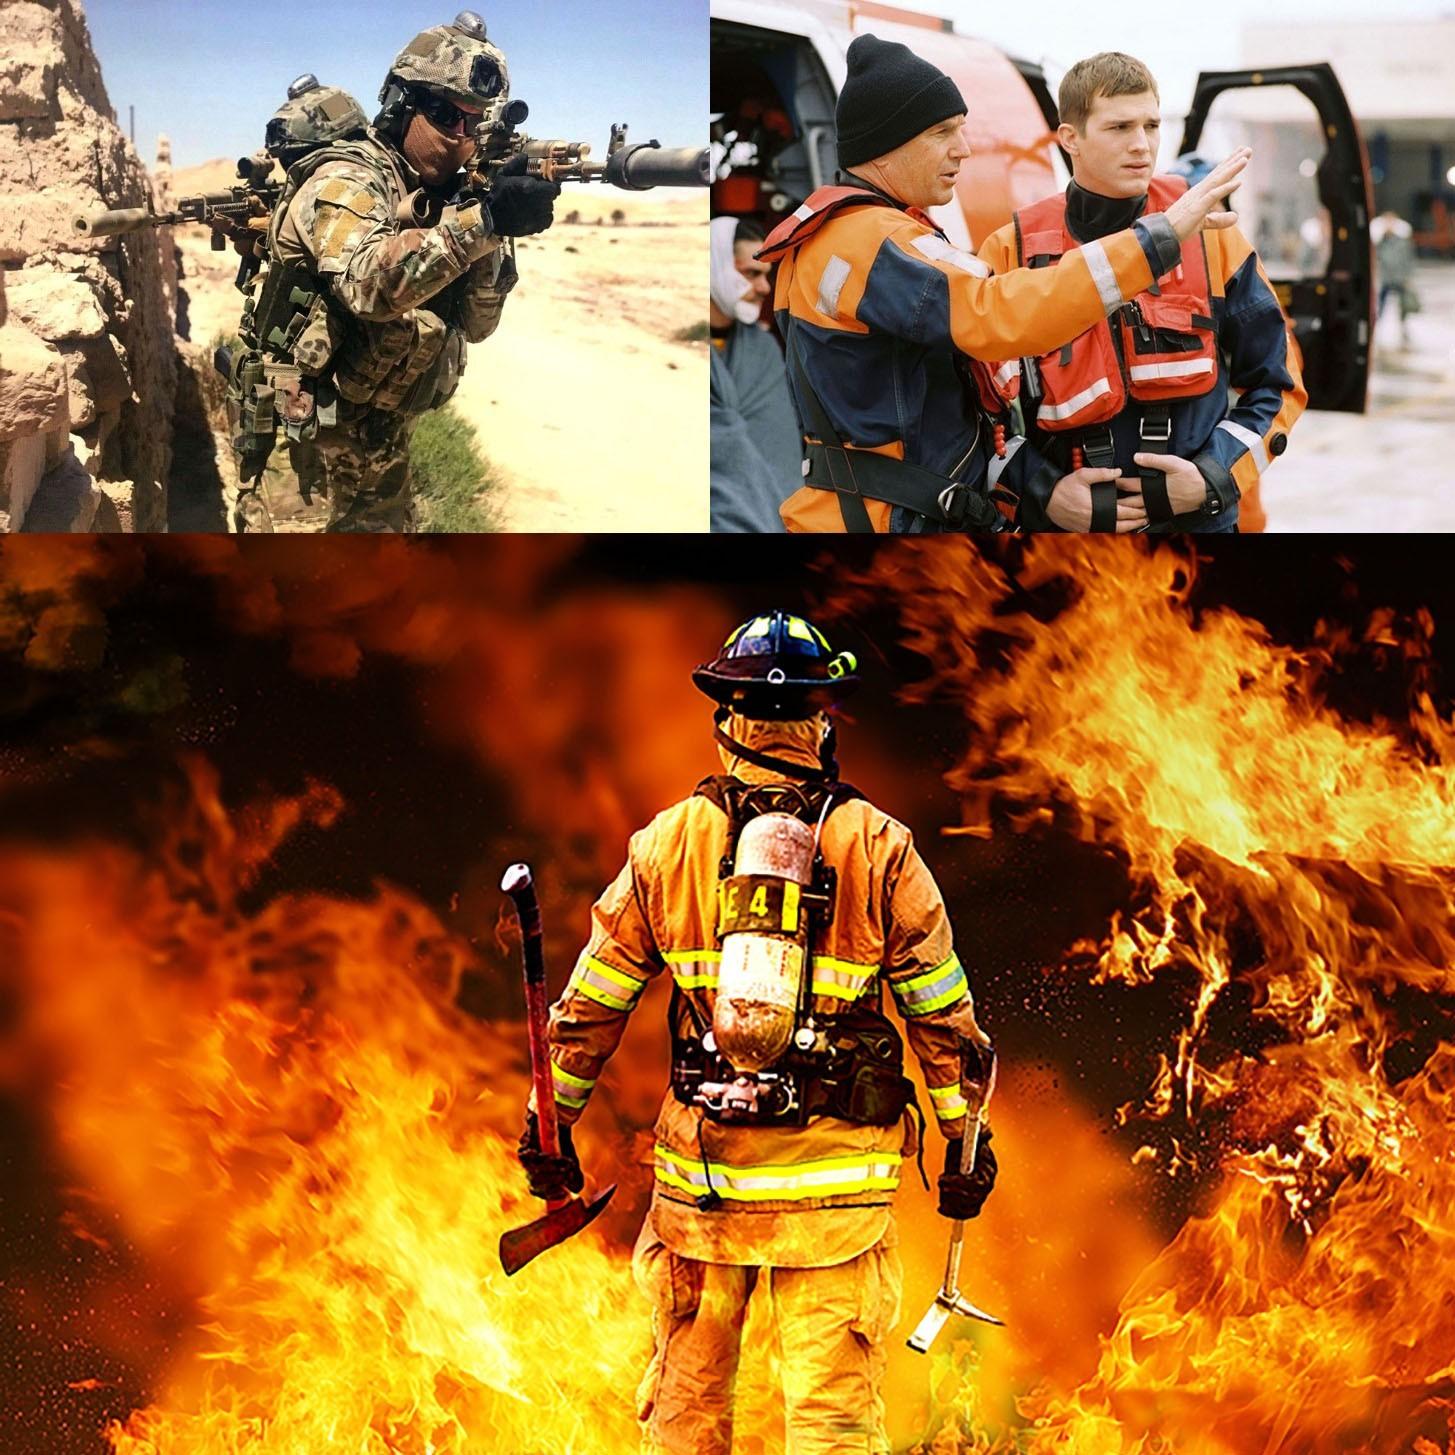 Почему я не стал Героем: Спецназовцем, Спасателем, Пожарным